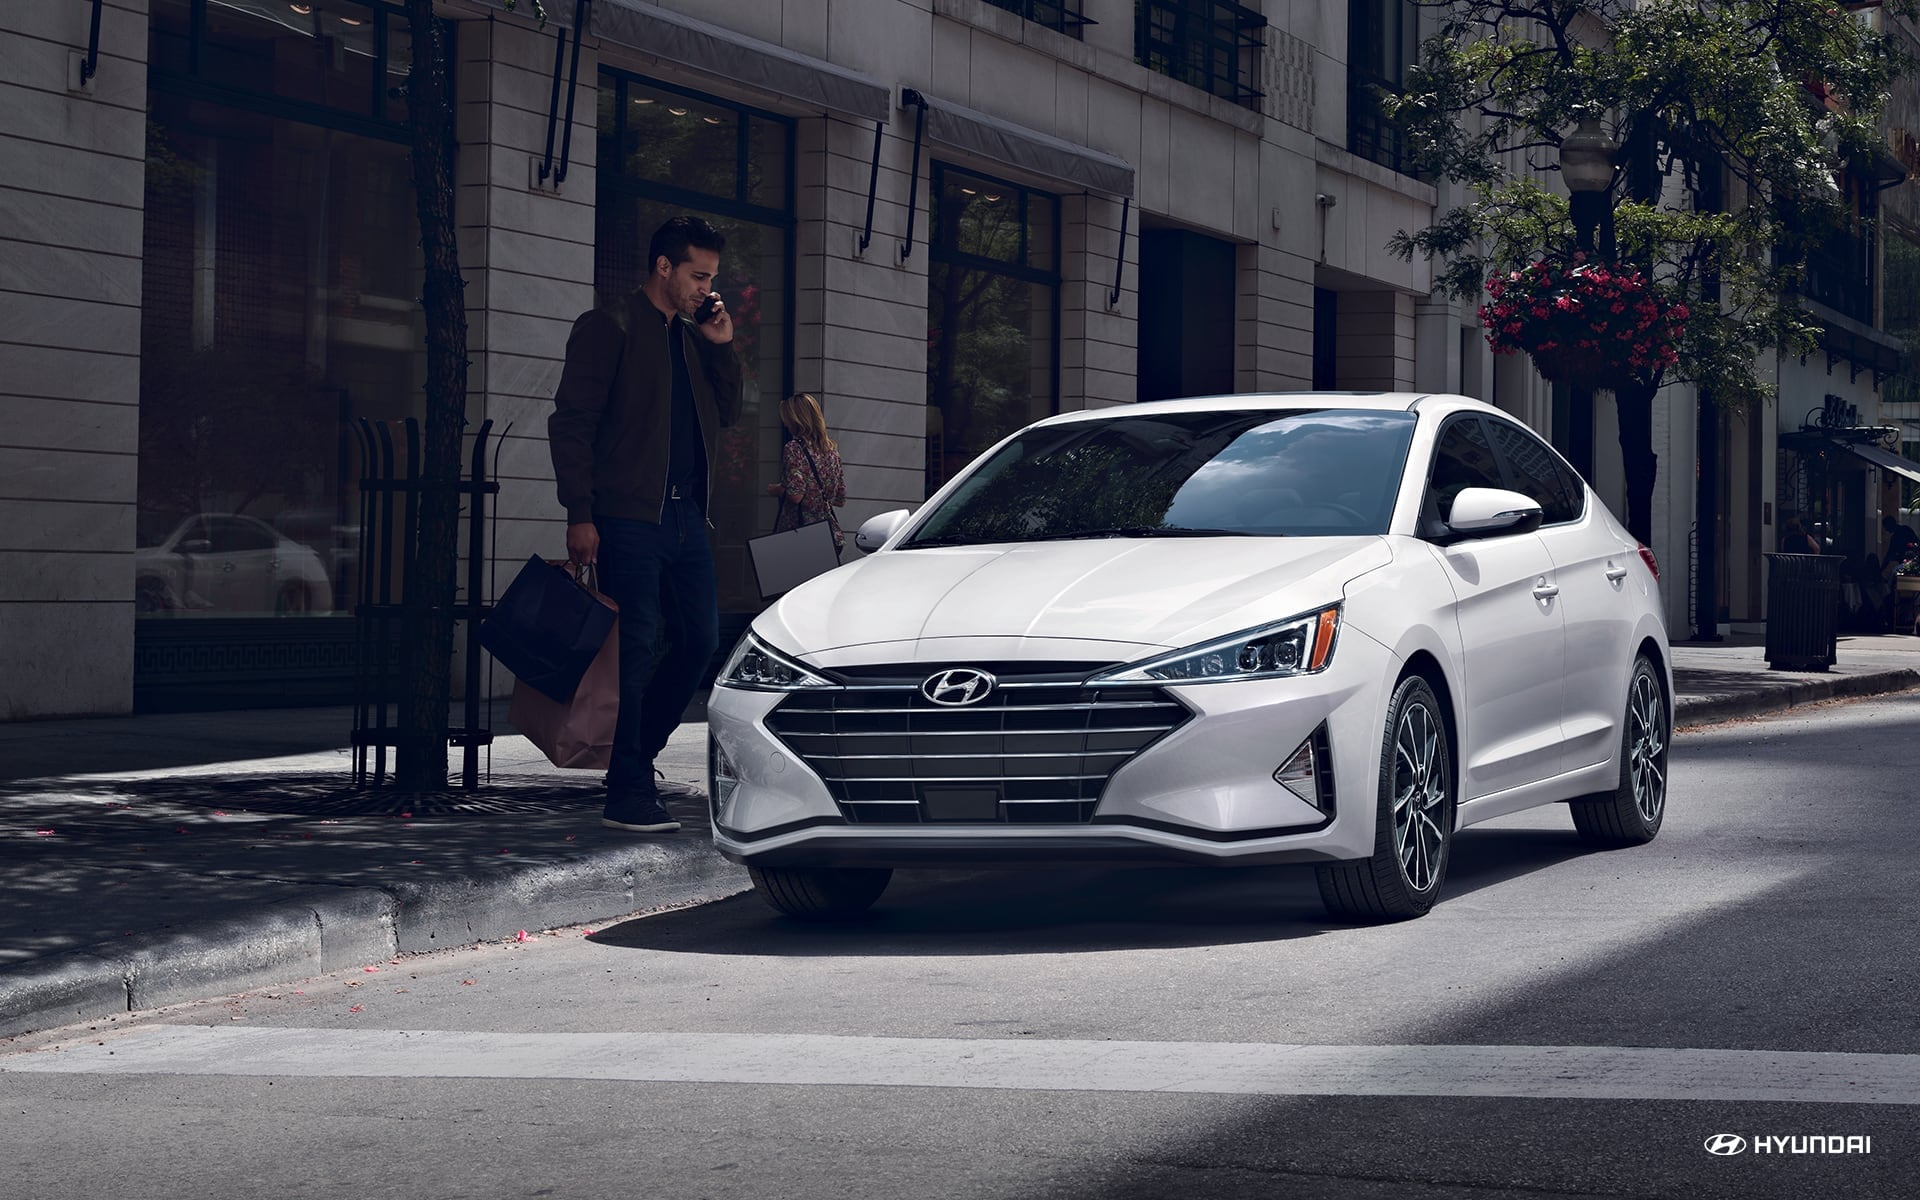 Test drive the 2020 Hyundai Elantra near Huntington NY